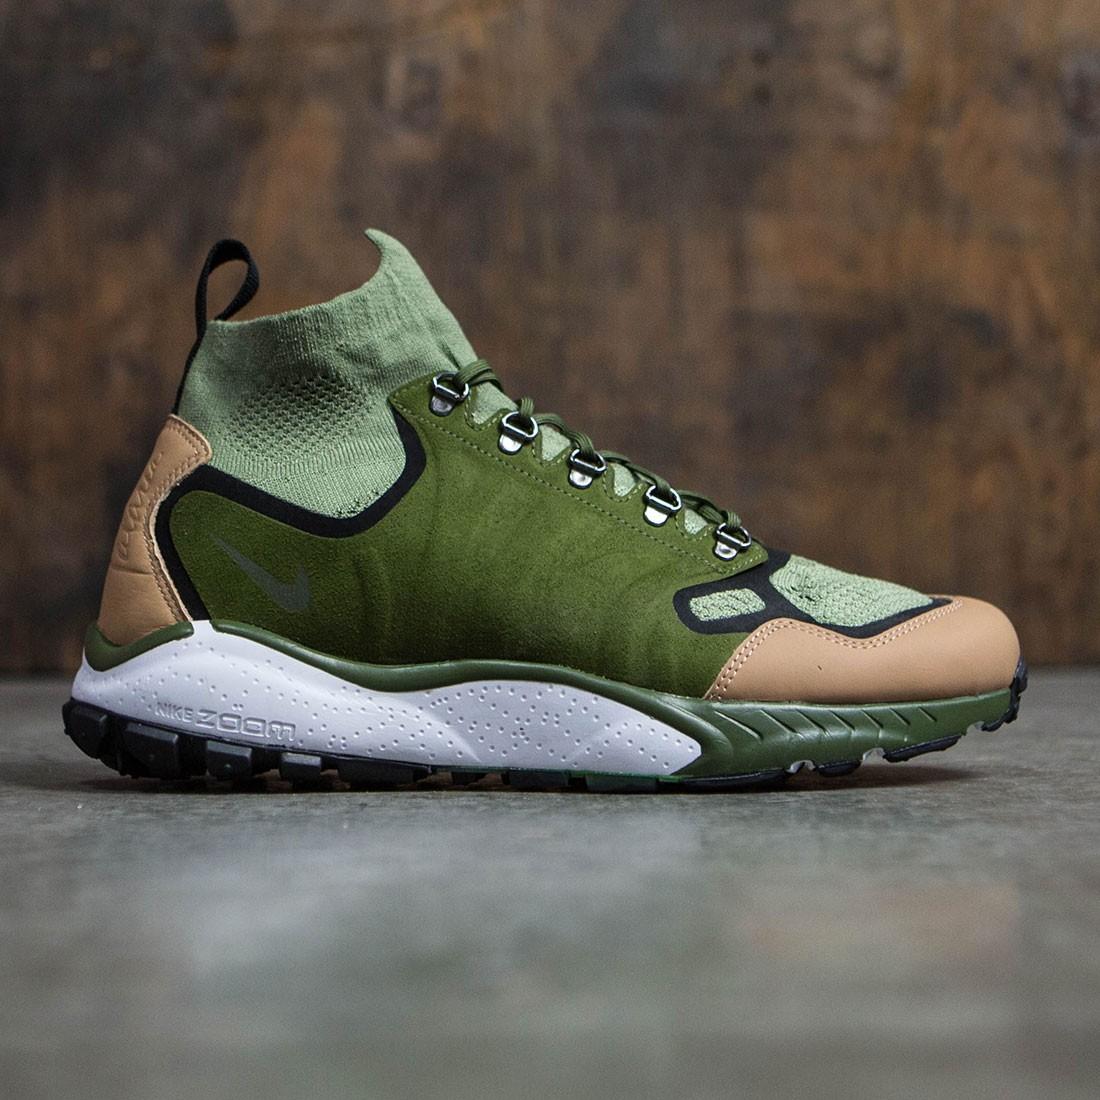 Nike Men Air Zoom Talaria Mid Flyknit Premium (palm green / legion green-vachetta tan)